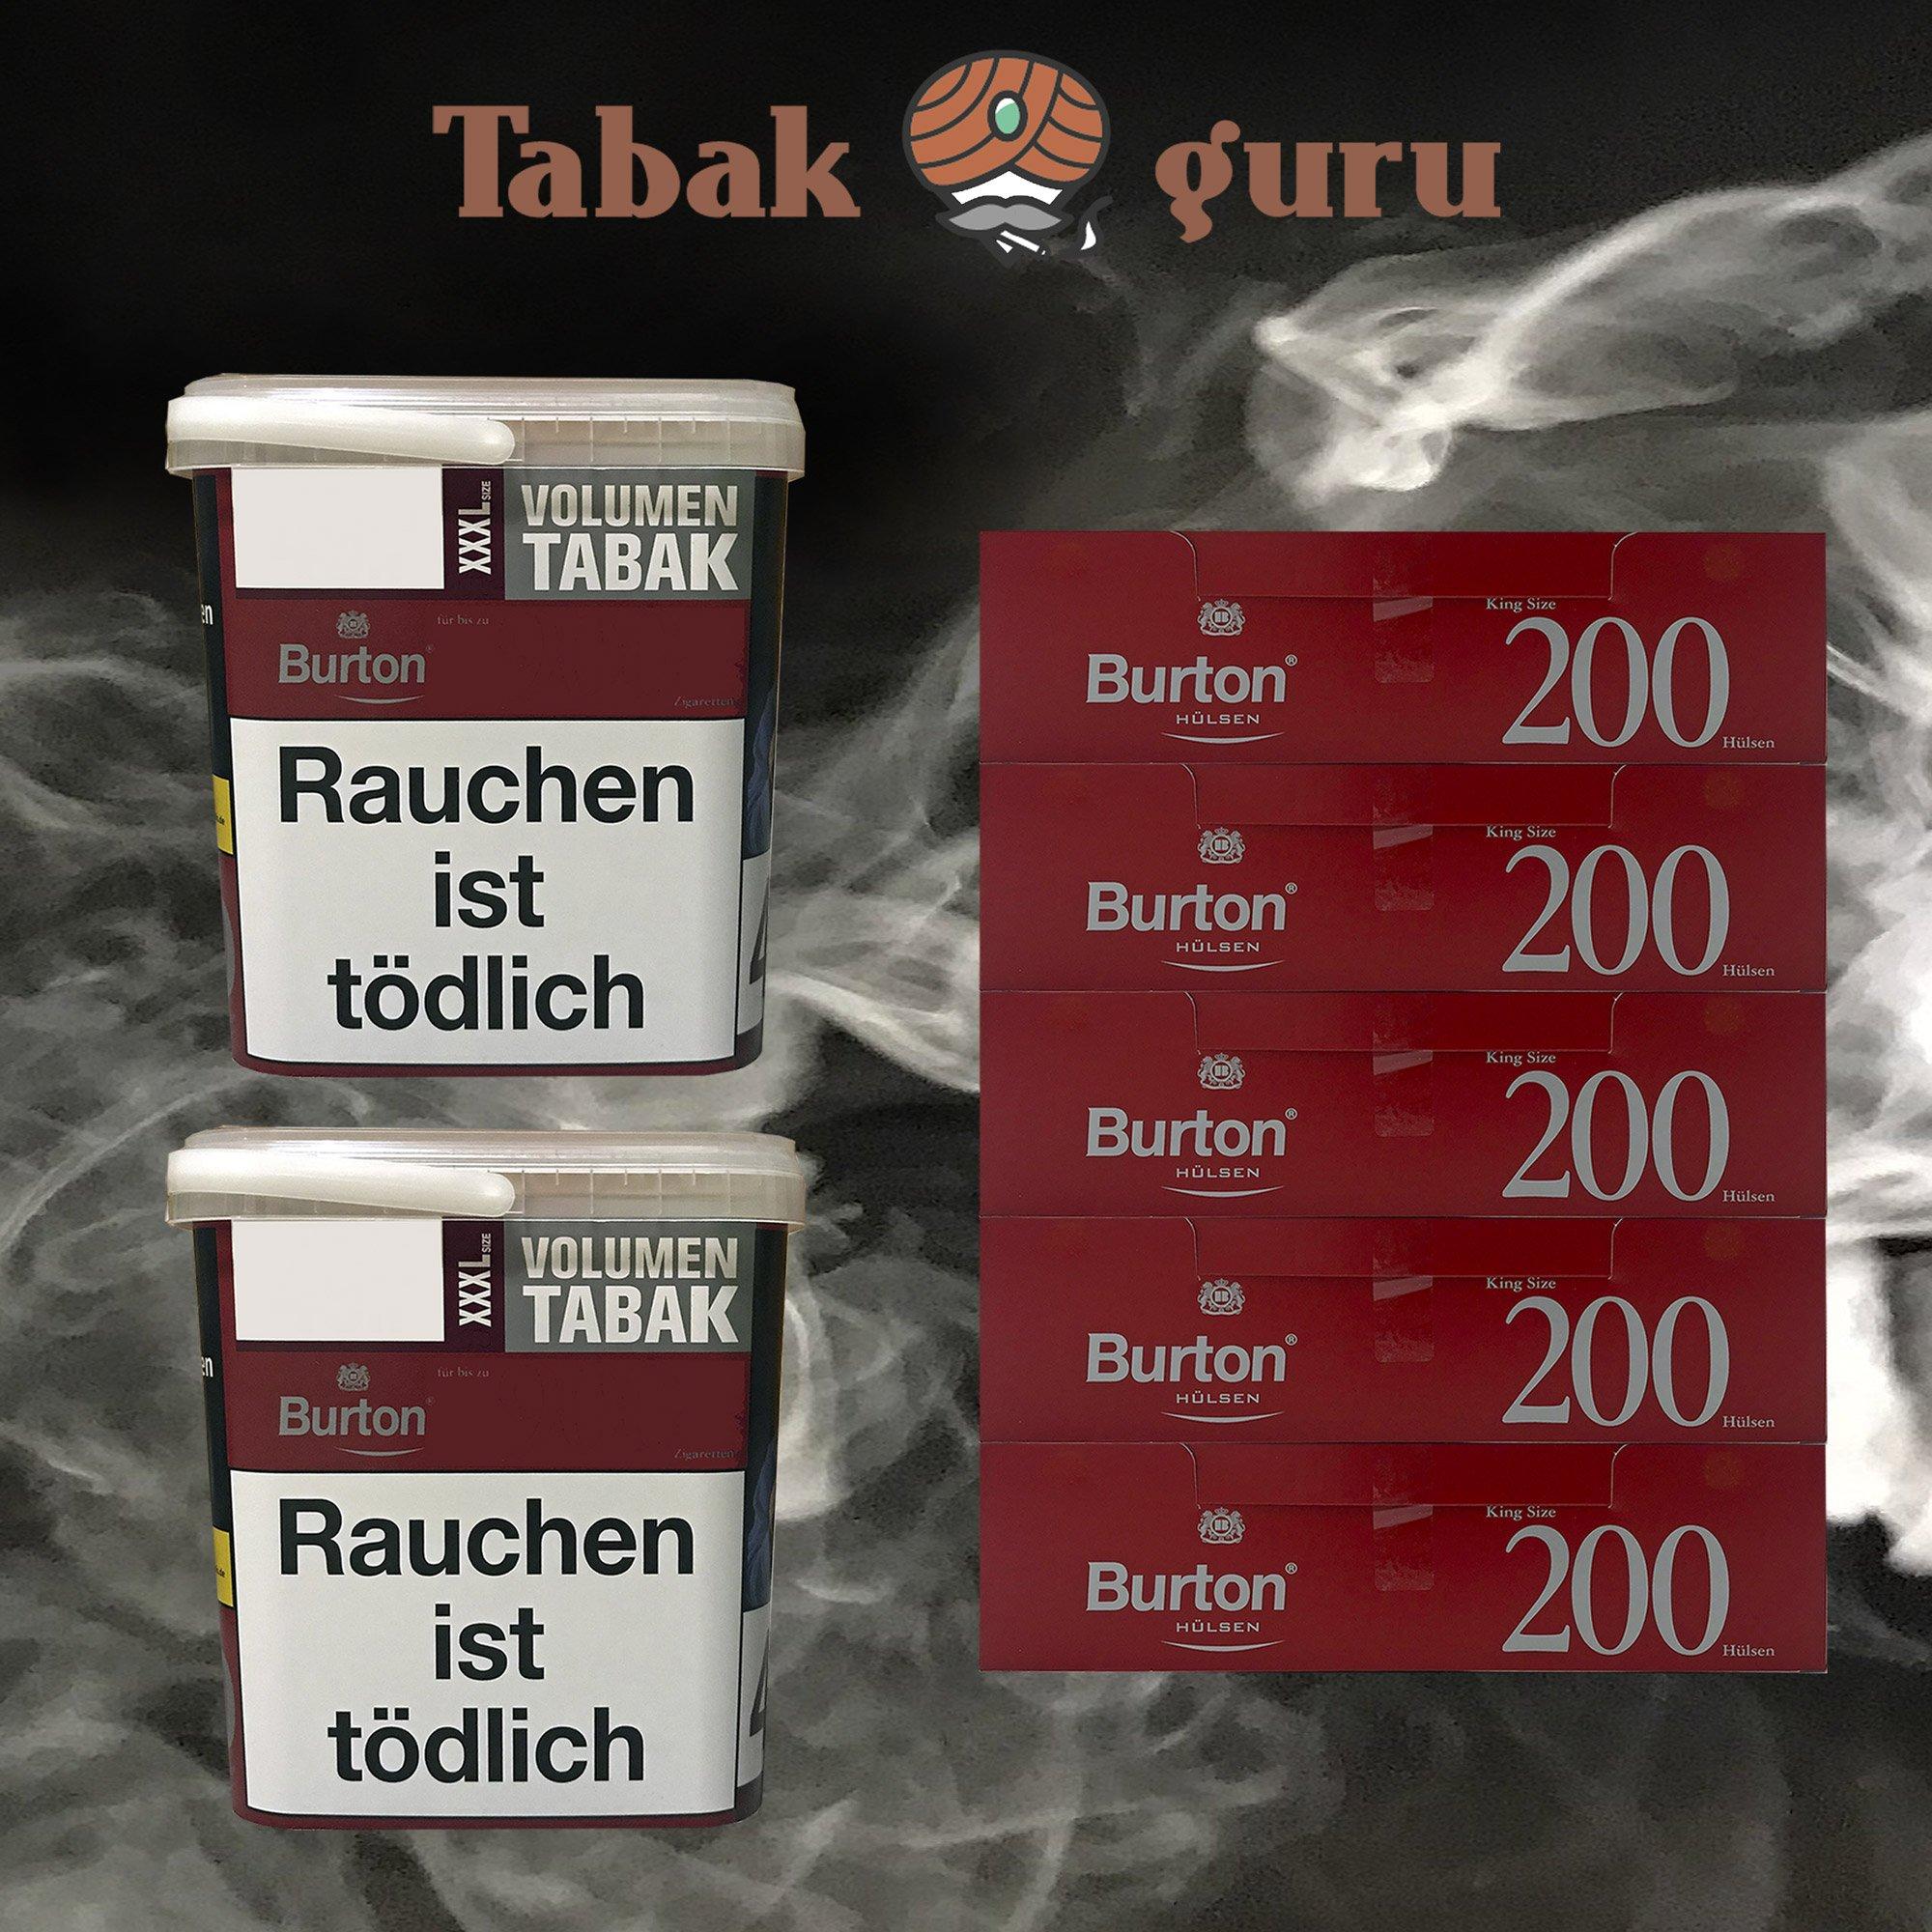 2x Burton Red Volumentabak / Zigarettentabak XXXL Eimer 370g, 1.000 Hülsen